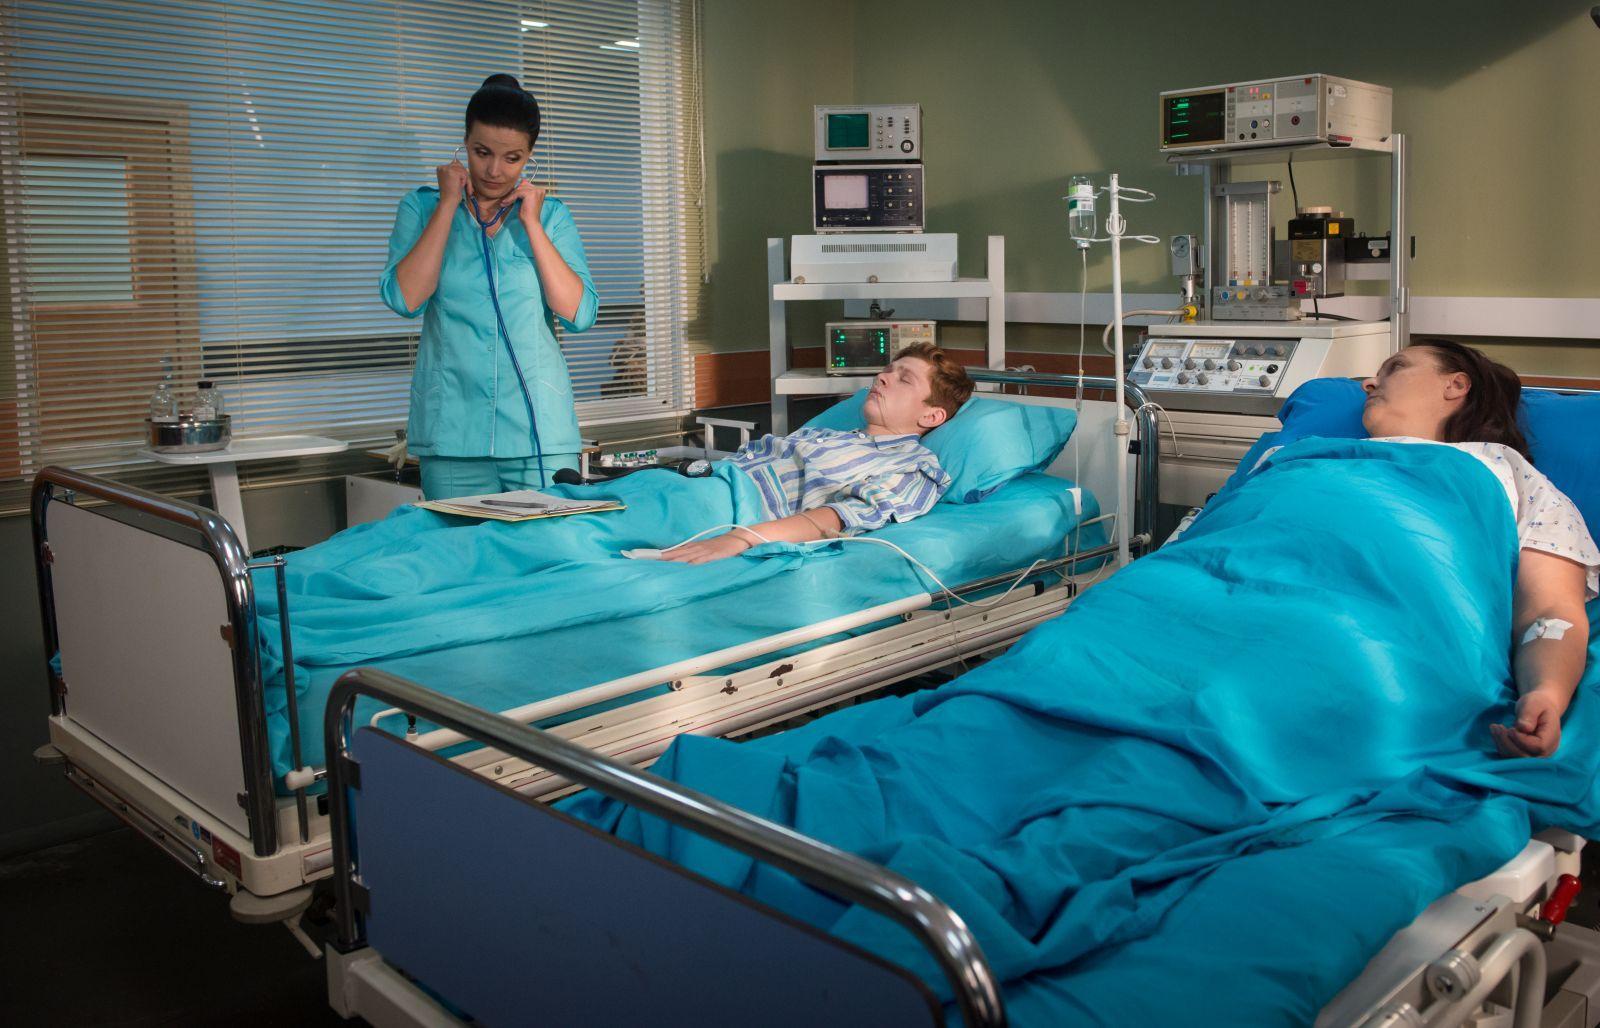 какая сейчас больница дежурит